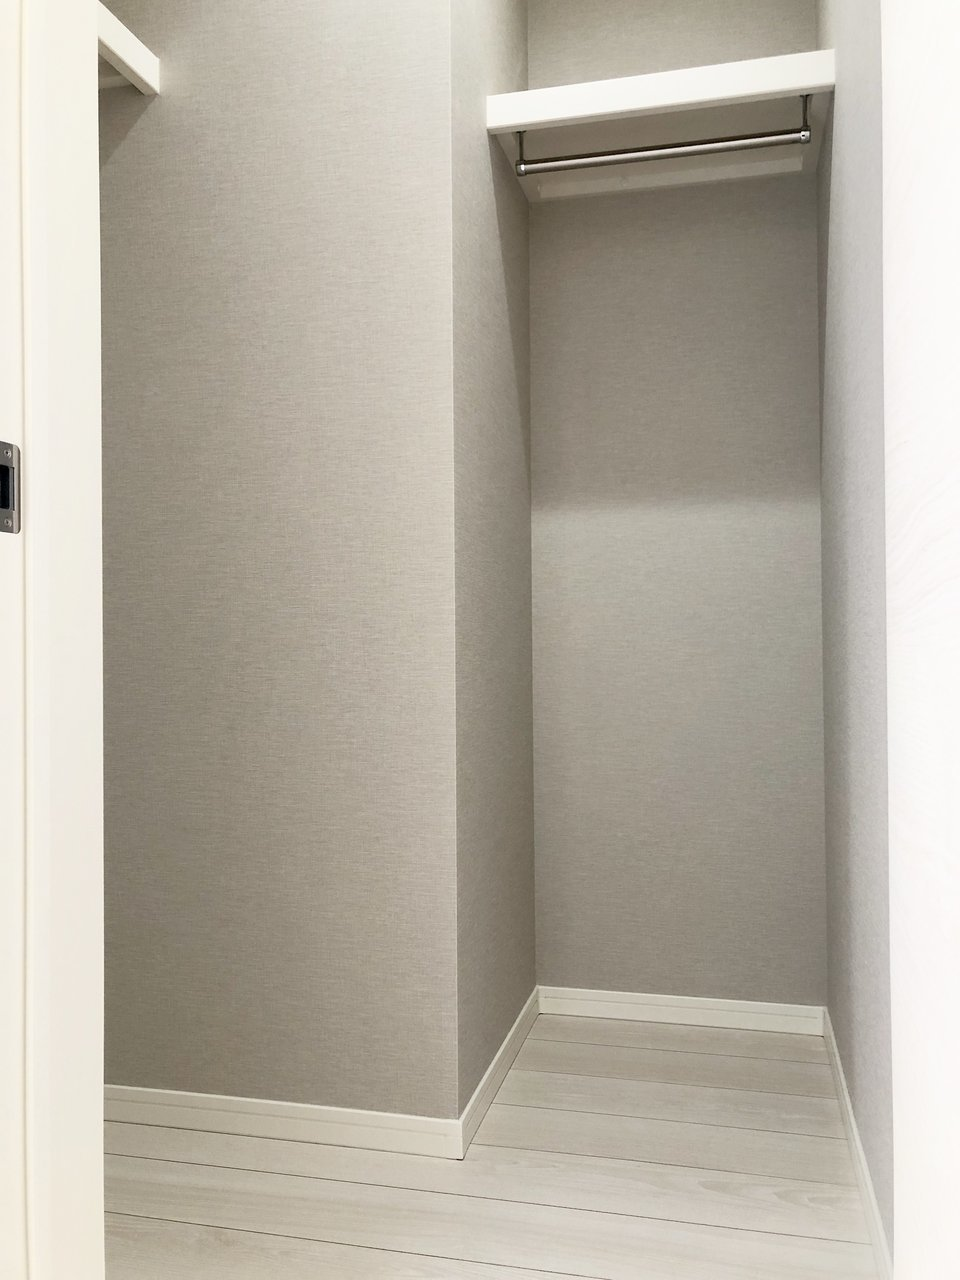 お部屋の広さは6畳ですが、室内にはウォークインクローゼットがあるので、収納スペースは十分。洋服や荷物をうまく収納すれば6畳の広さを、自分の好きなもので有効活用することができそうです。